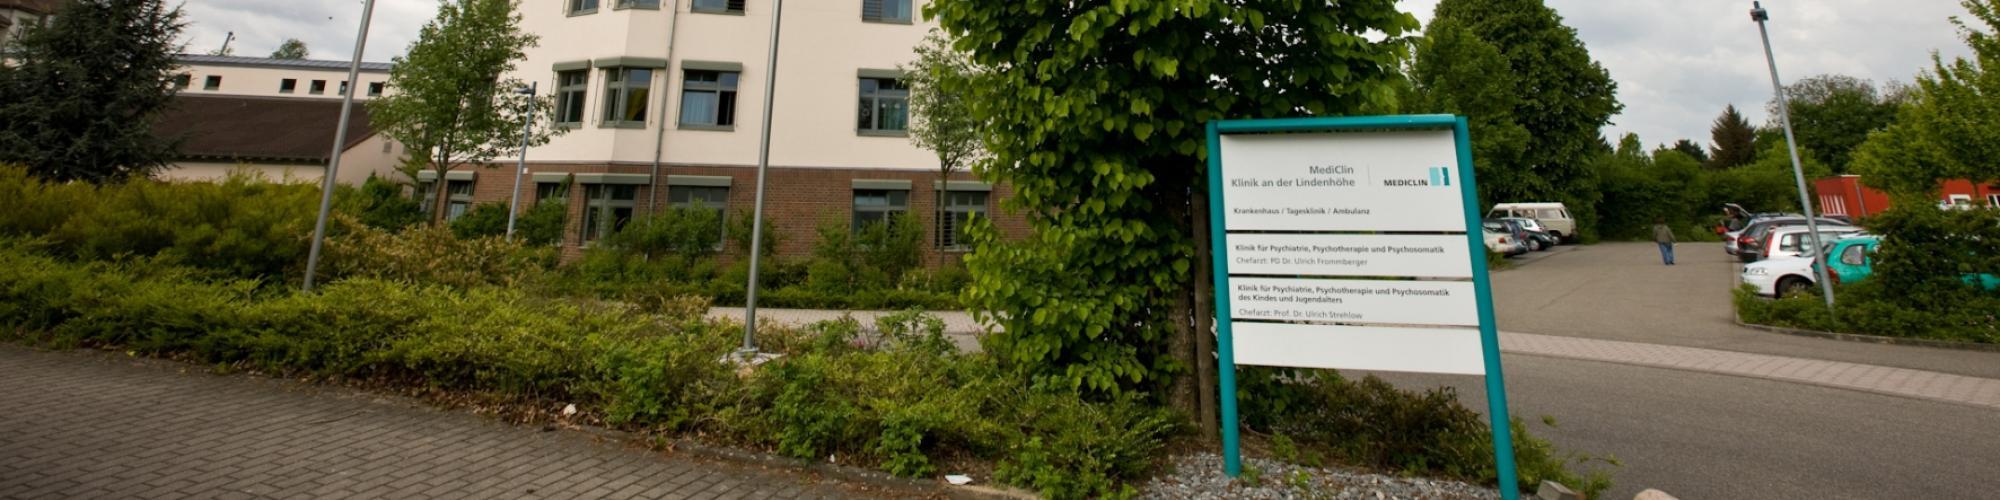 MEDICLIN Klinik an der Lindenhöhe